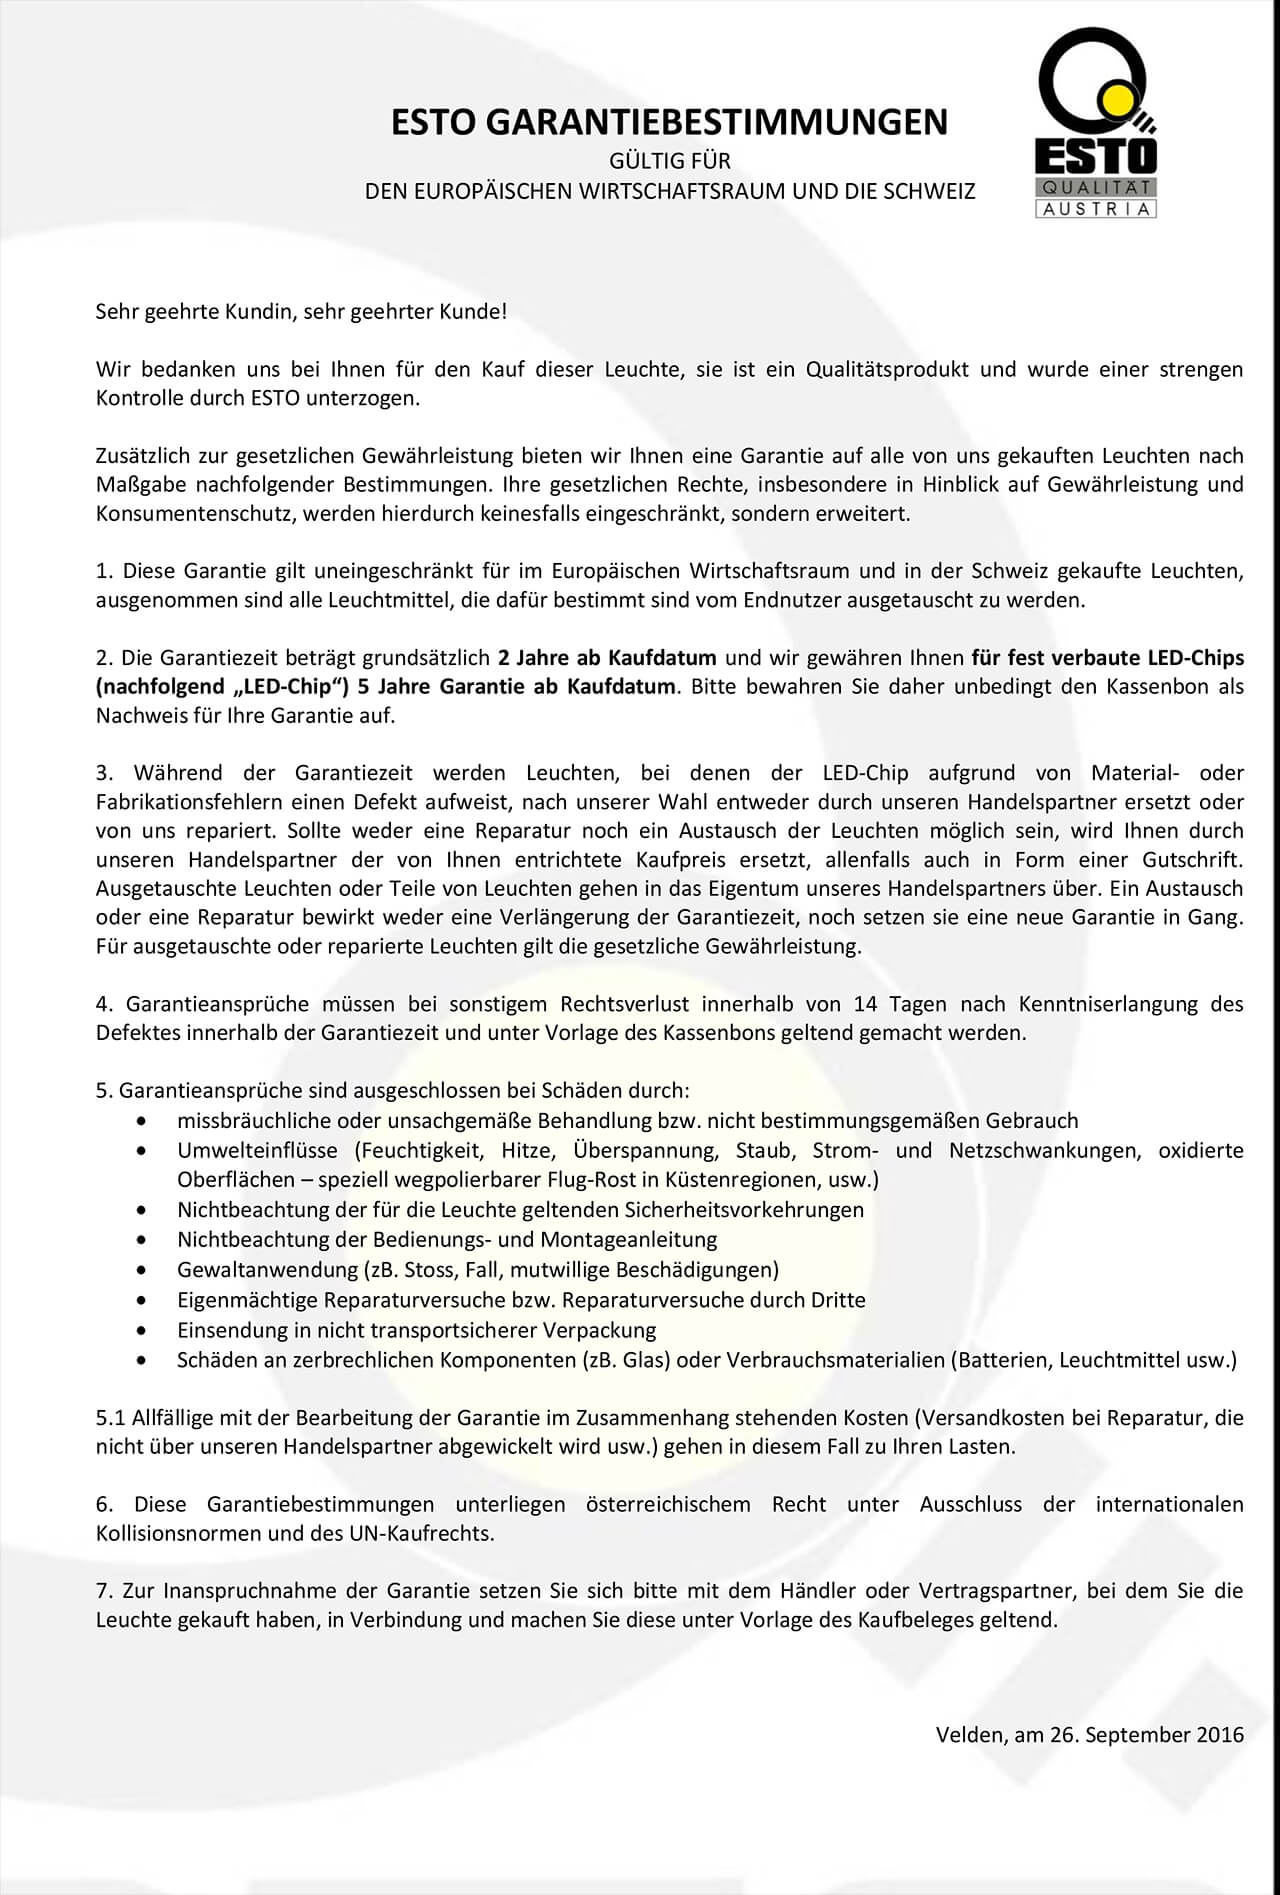 ESTO-Garantiebestimmungen 26-09-2016